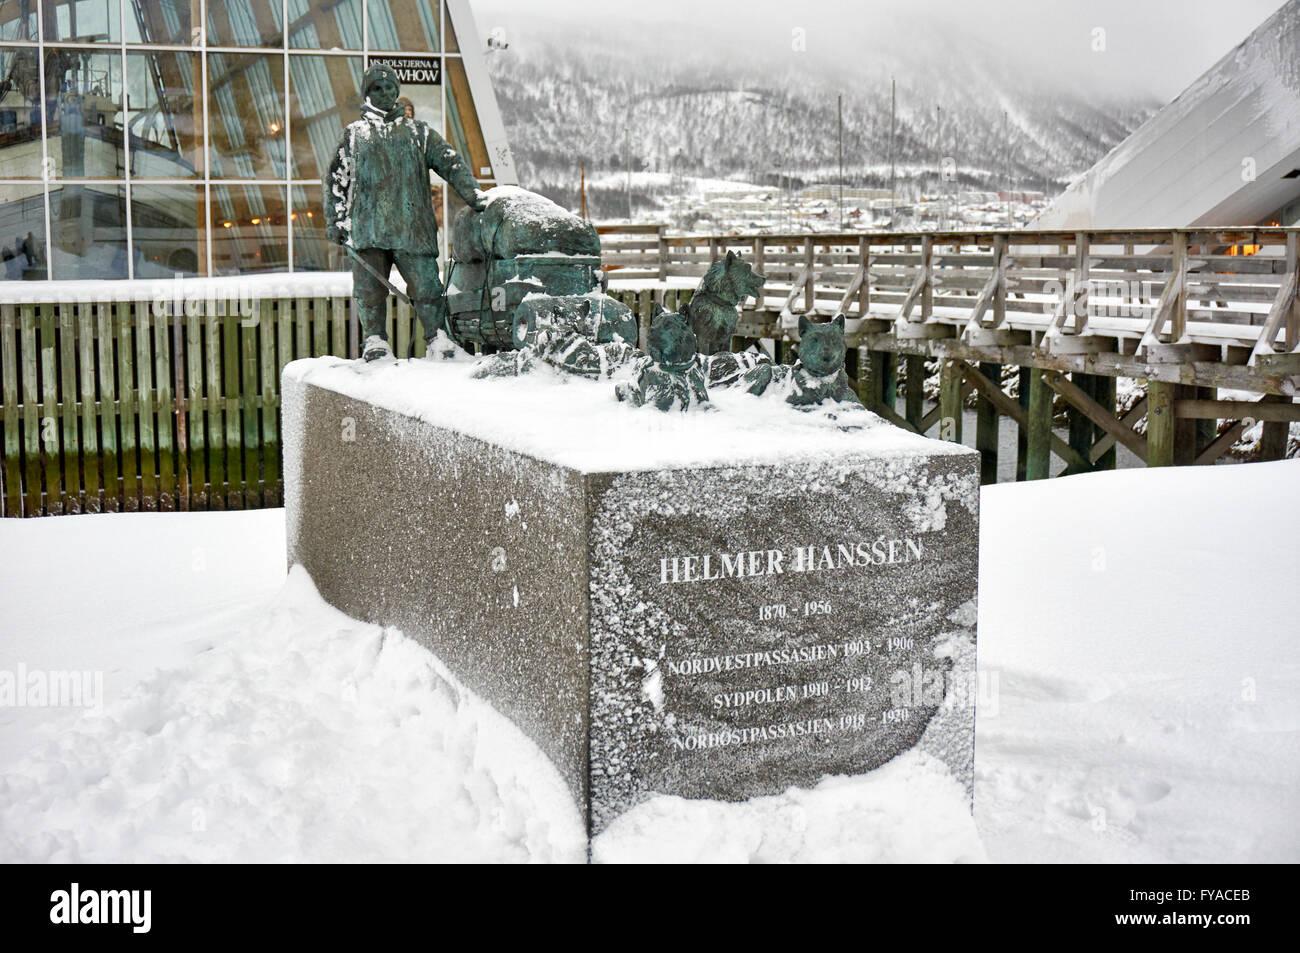 verschneite Denkmal der Polarforscher Helmer Hanssen, Tromsø, Troms, Norwegen, Europa Stockbild